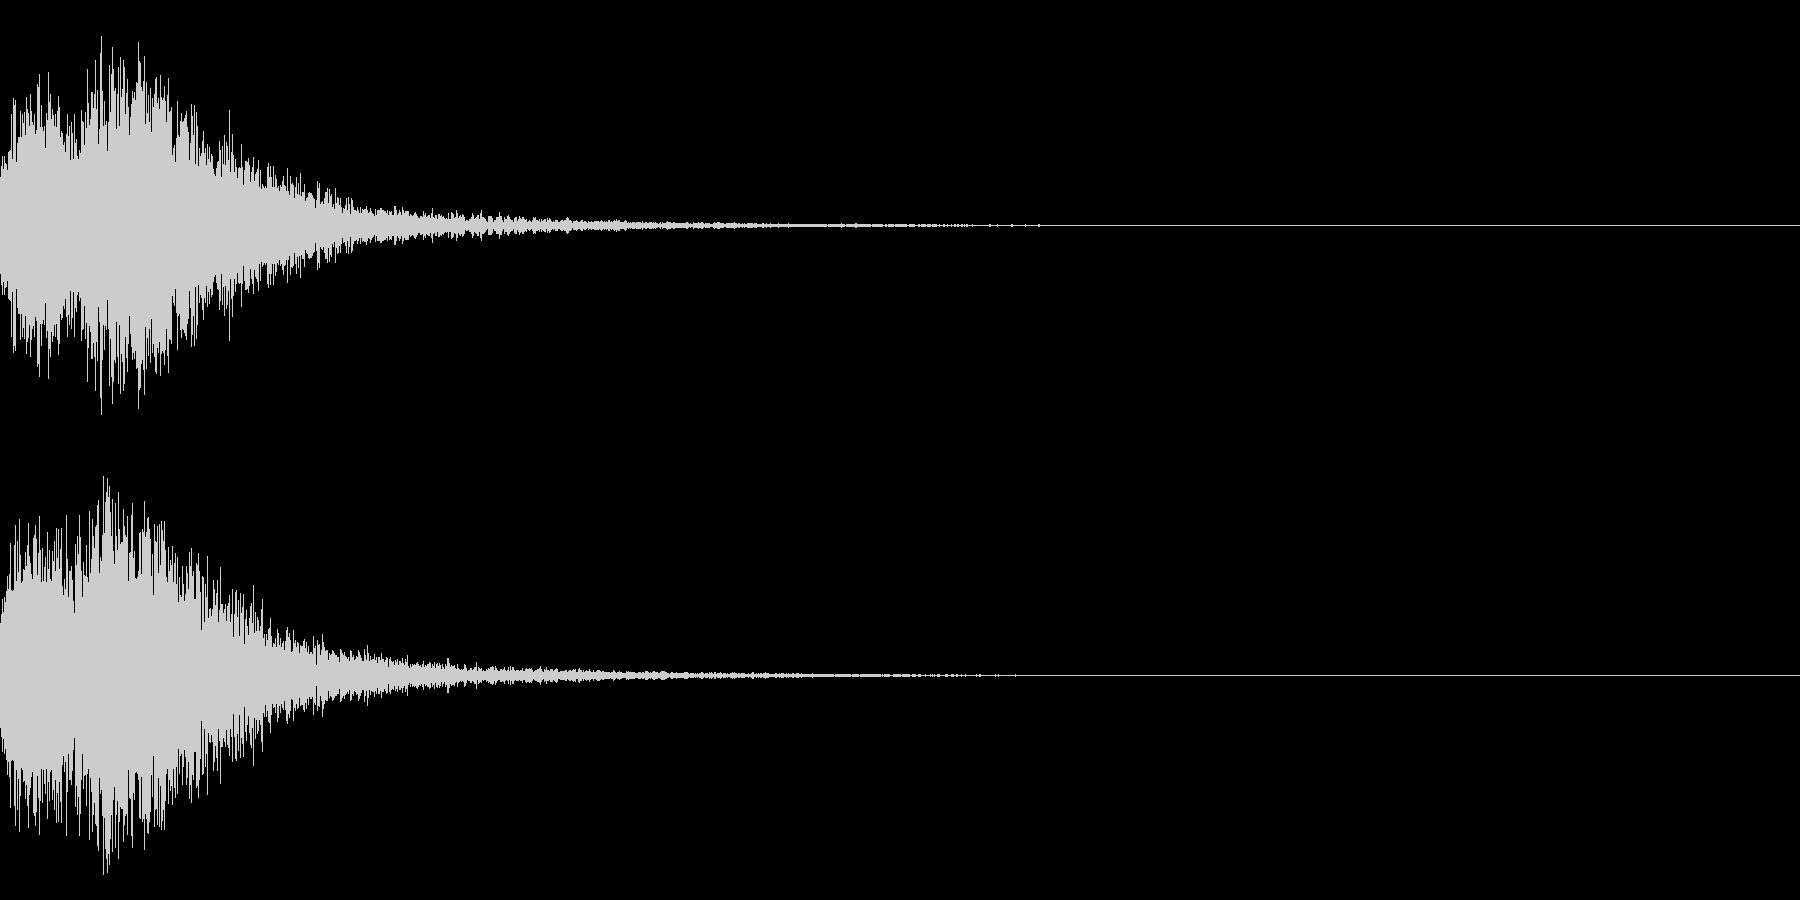 デデーン♪オーケストラヒット!効果音2cの未再生の波形